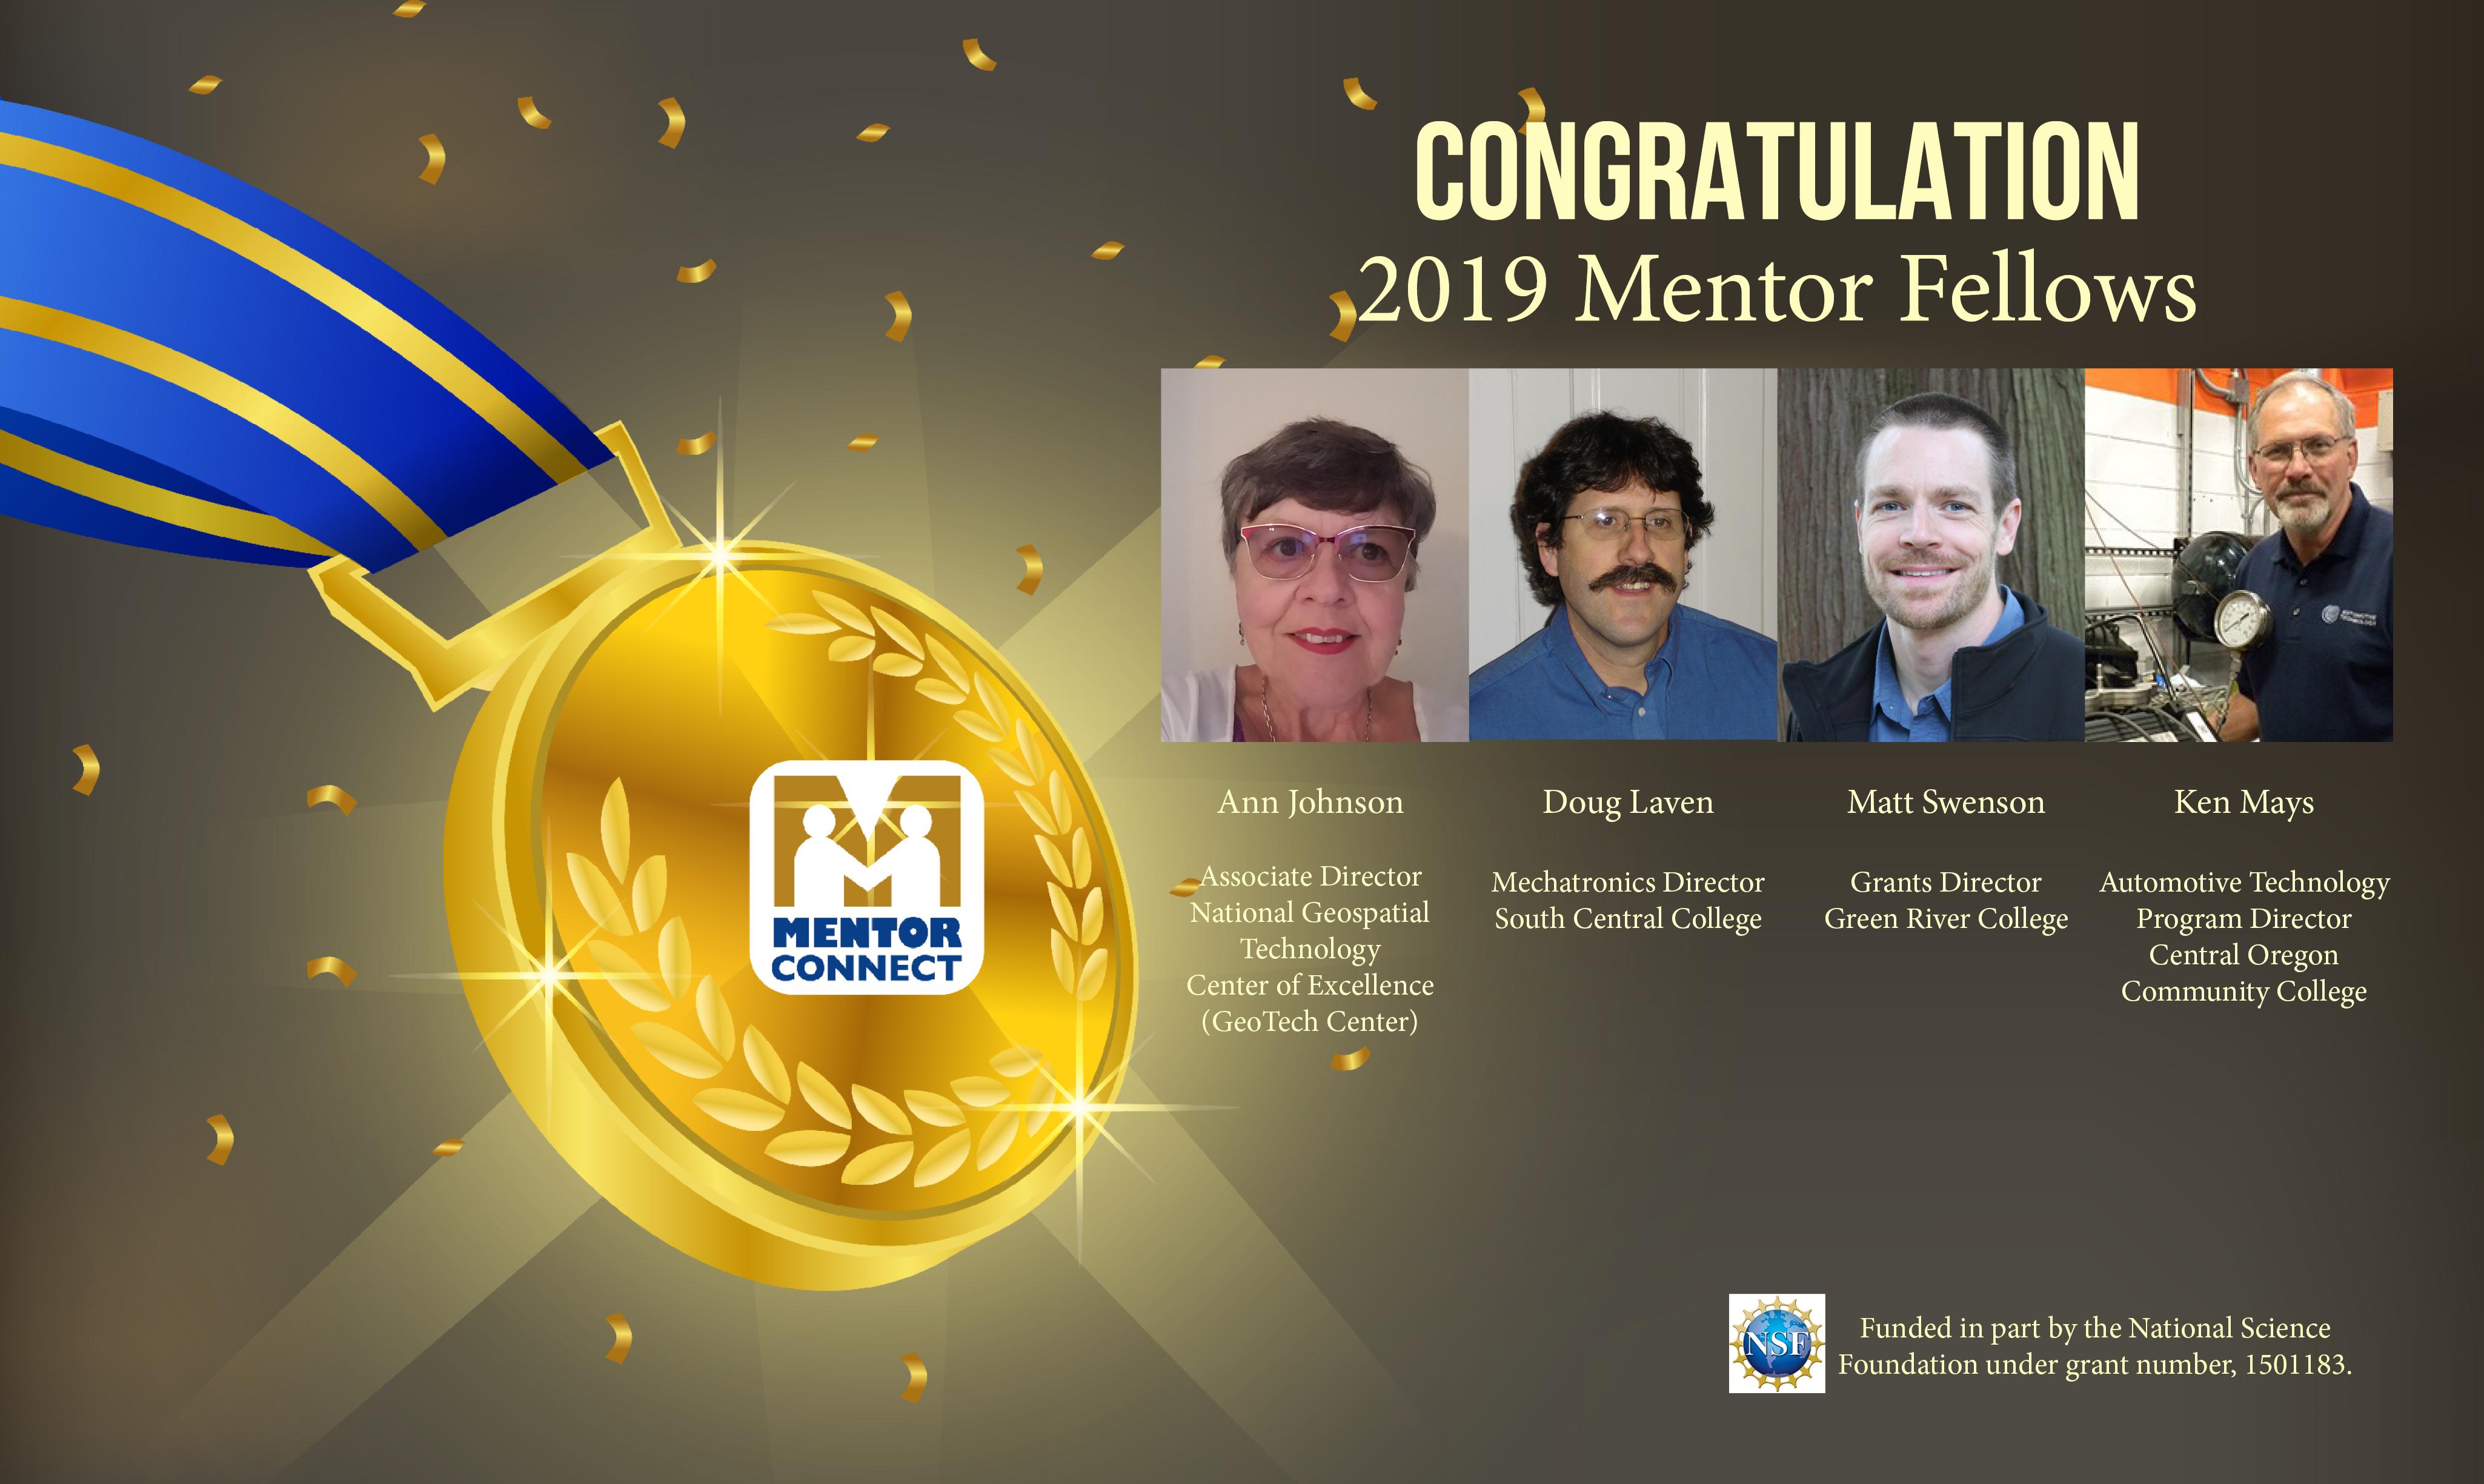 Congratulations to the four selected 2019 Mentor Fellows